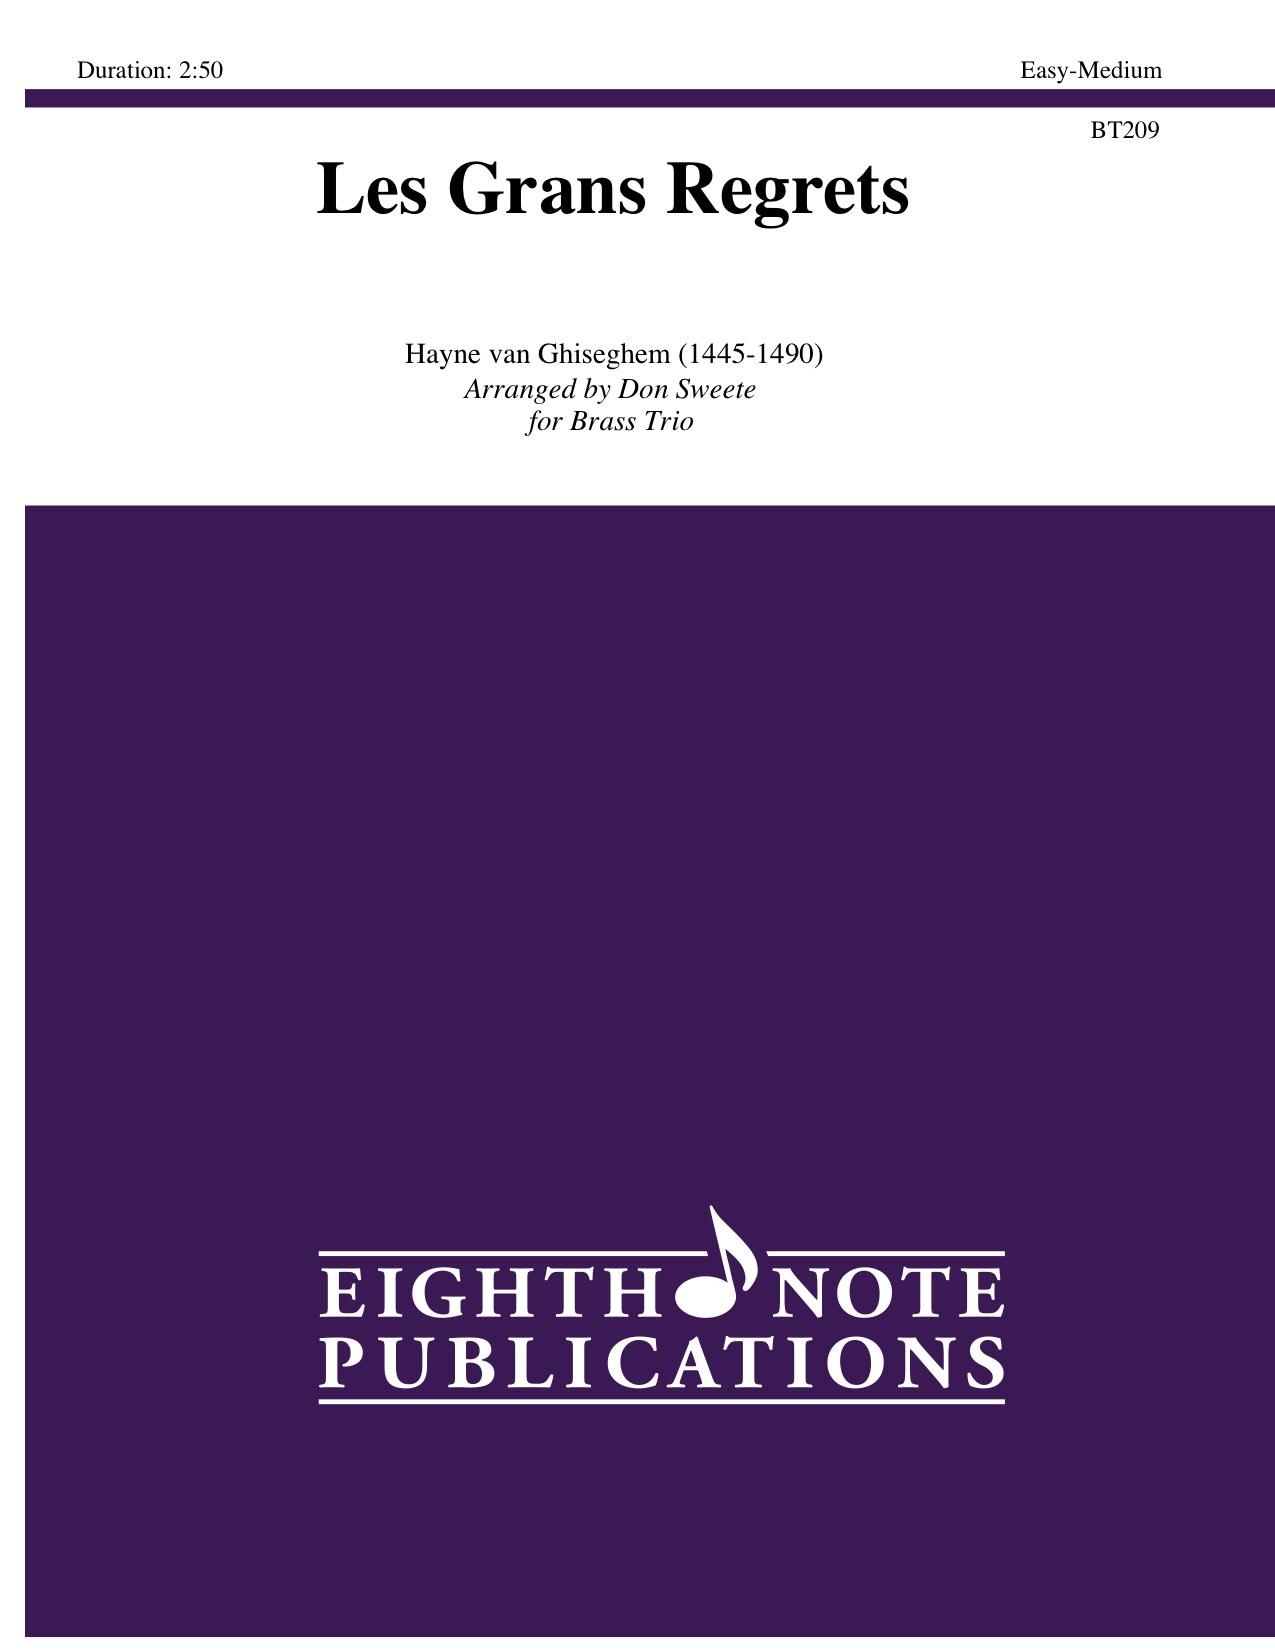 Les Grans Regrets - Hayne van Ghiseghem